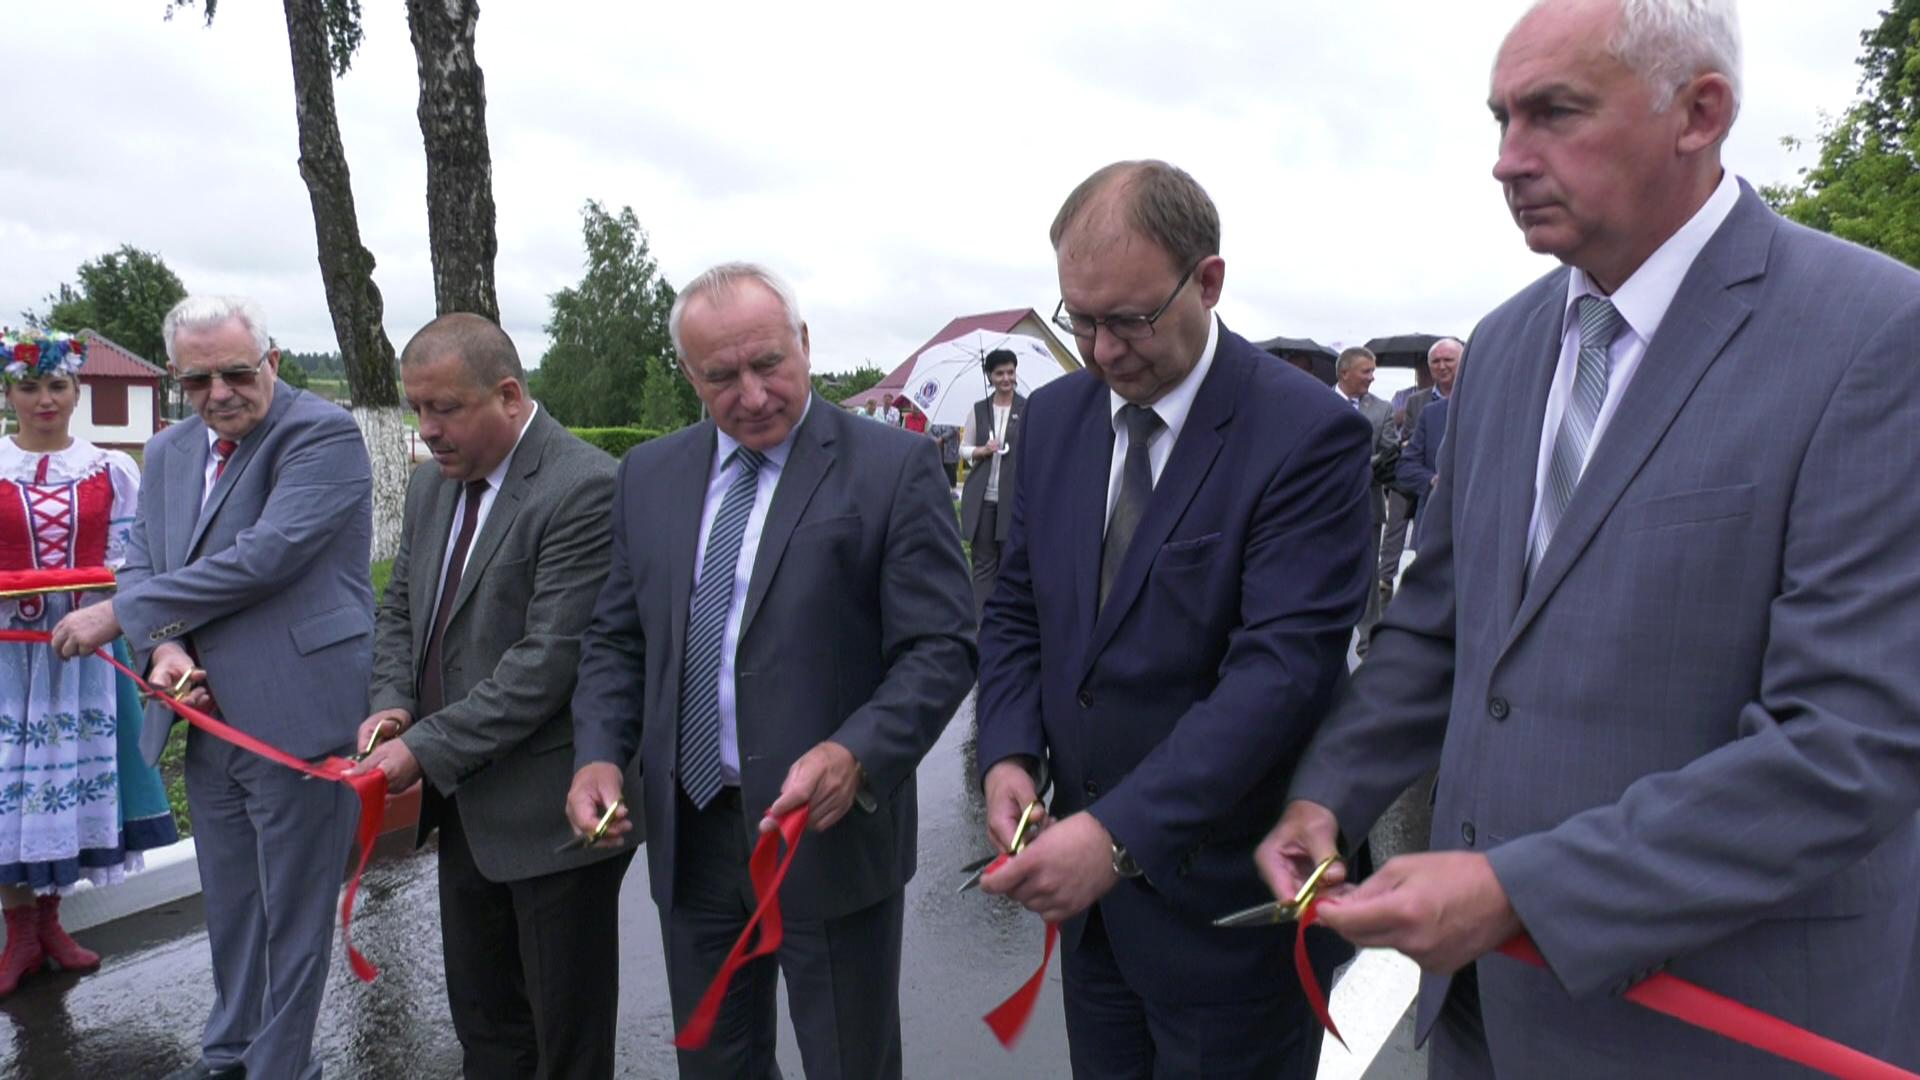 uchebnyj centr - Учебно-практический центр по производству молока открыли под Витебском (видео)